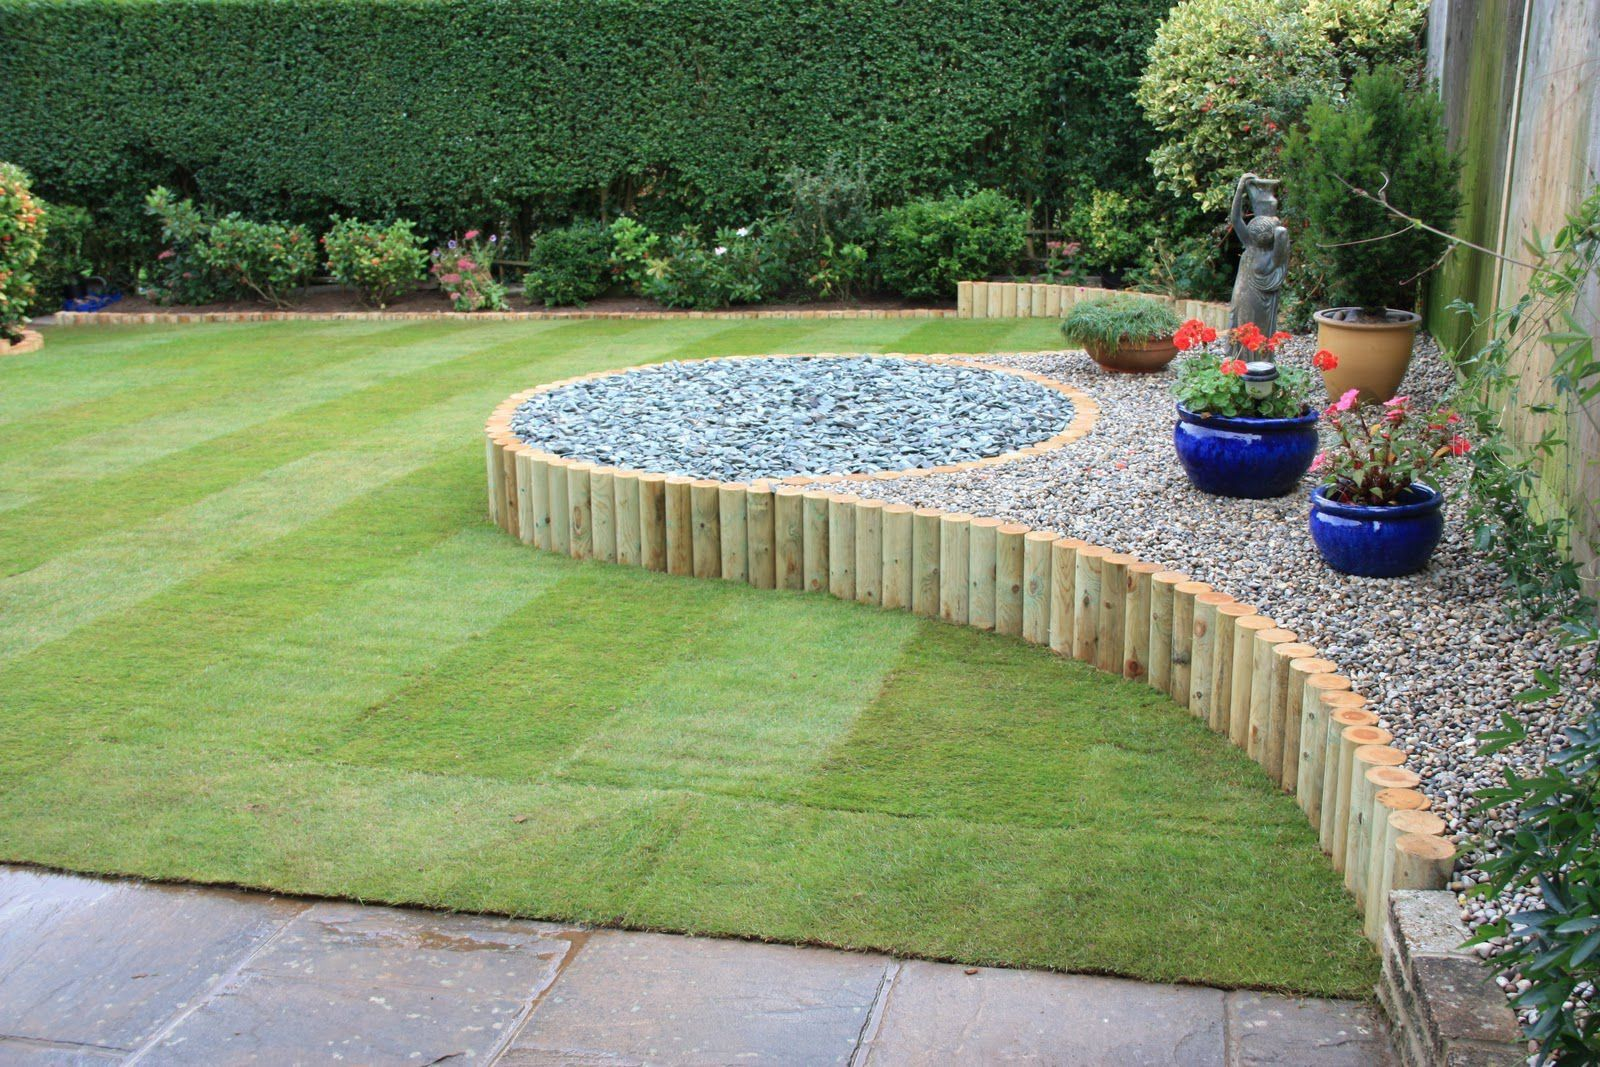 eea80c34811261e2d791740942bb2873 - Simple Garden Design Ideas For Small Gardens